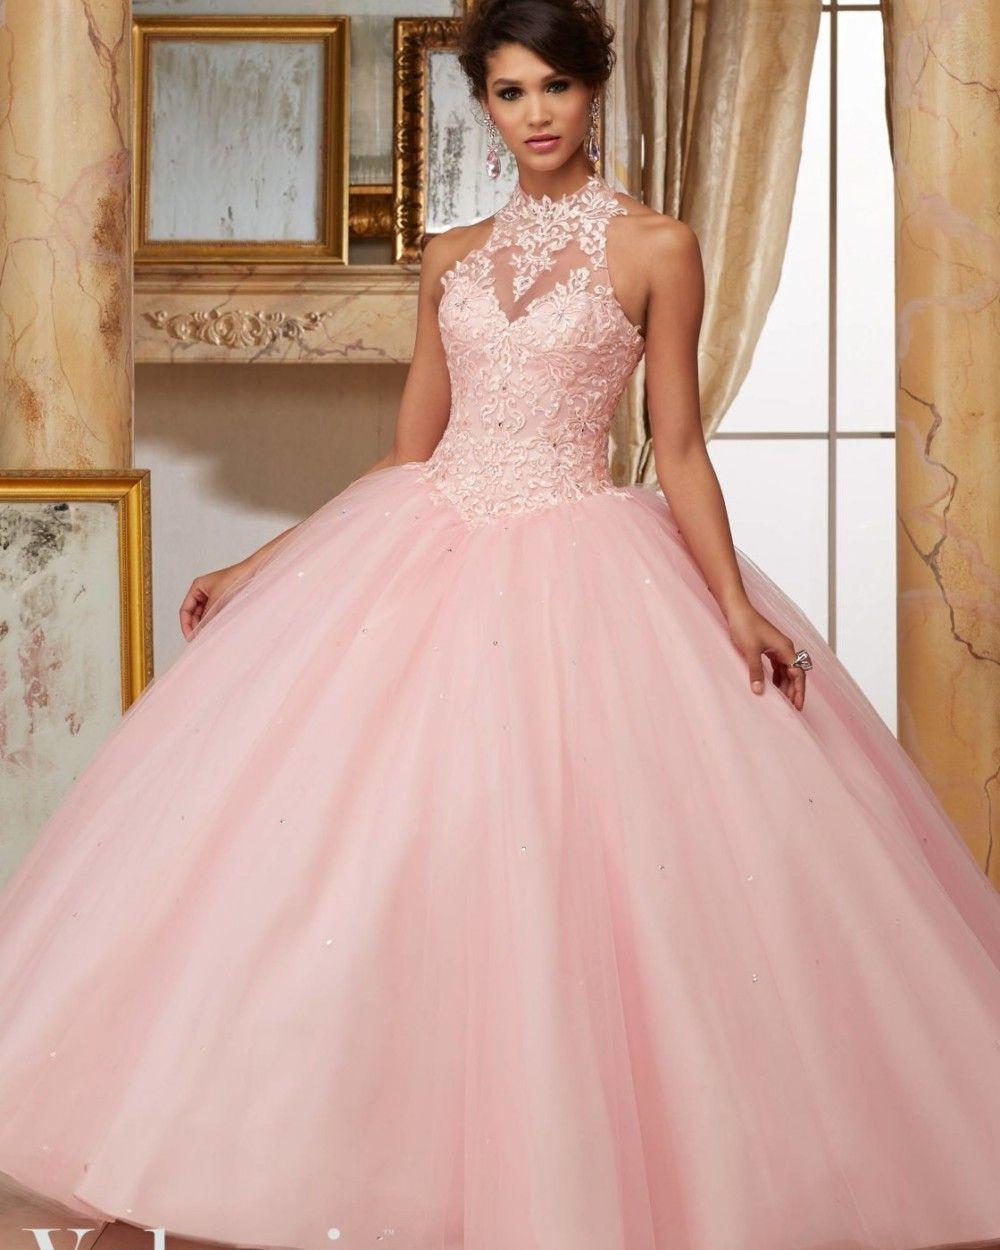 Resultado de imagen para pretty light pink quinceanera dresses 2016 ...